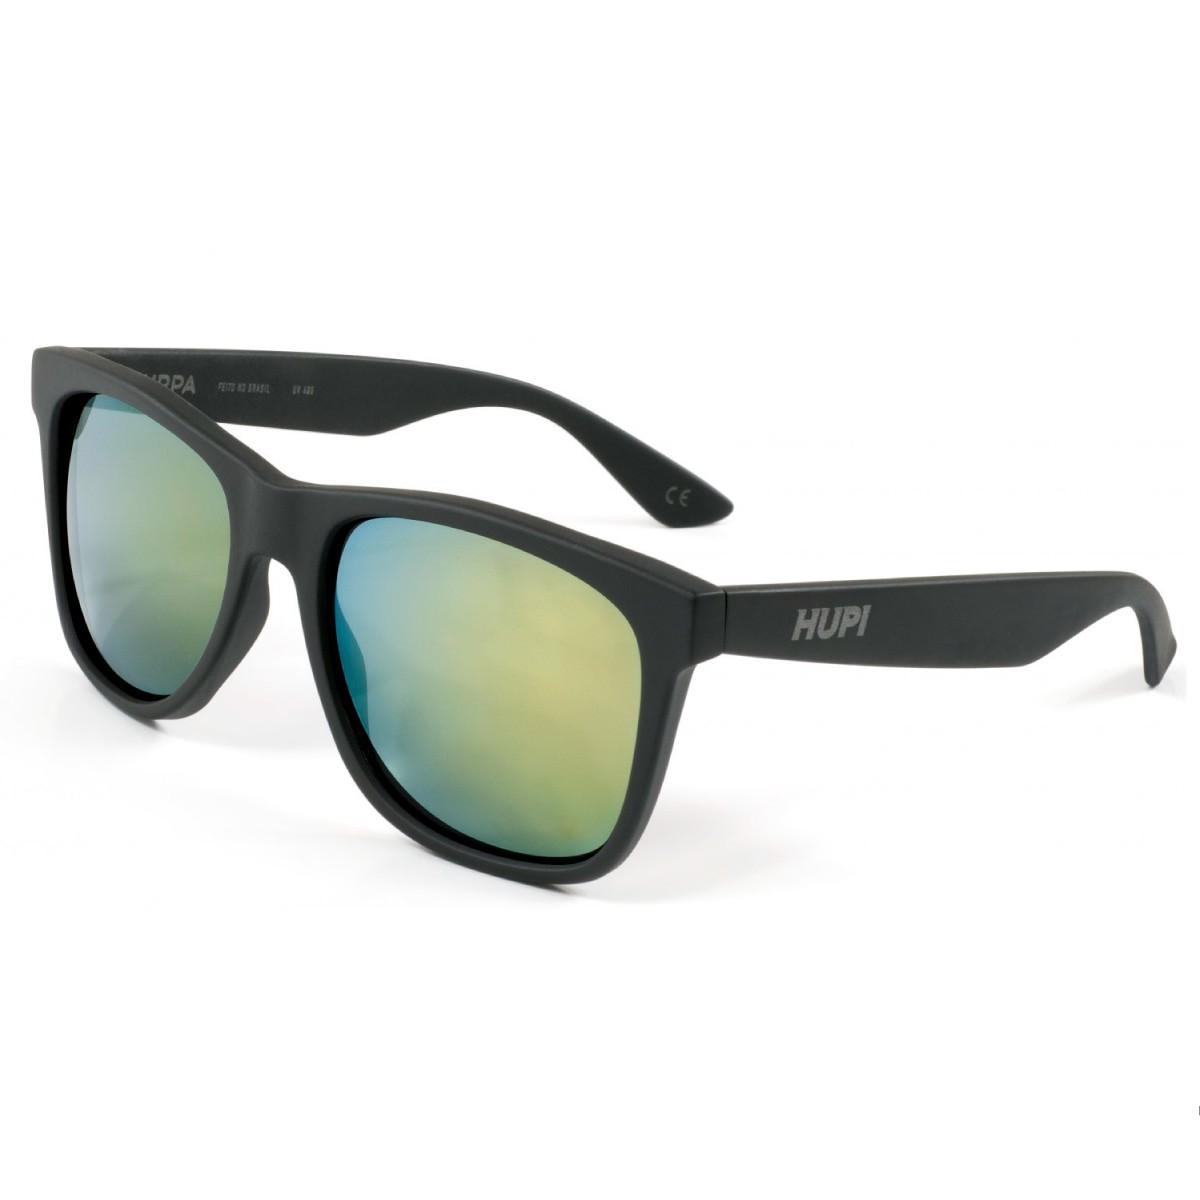 Oculos Hupi Preto Lente Verde Espelhado